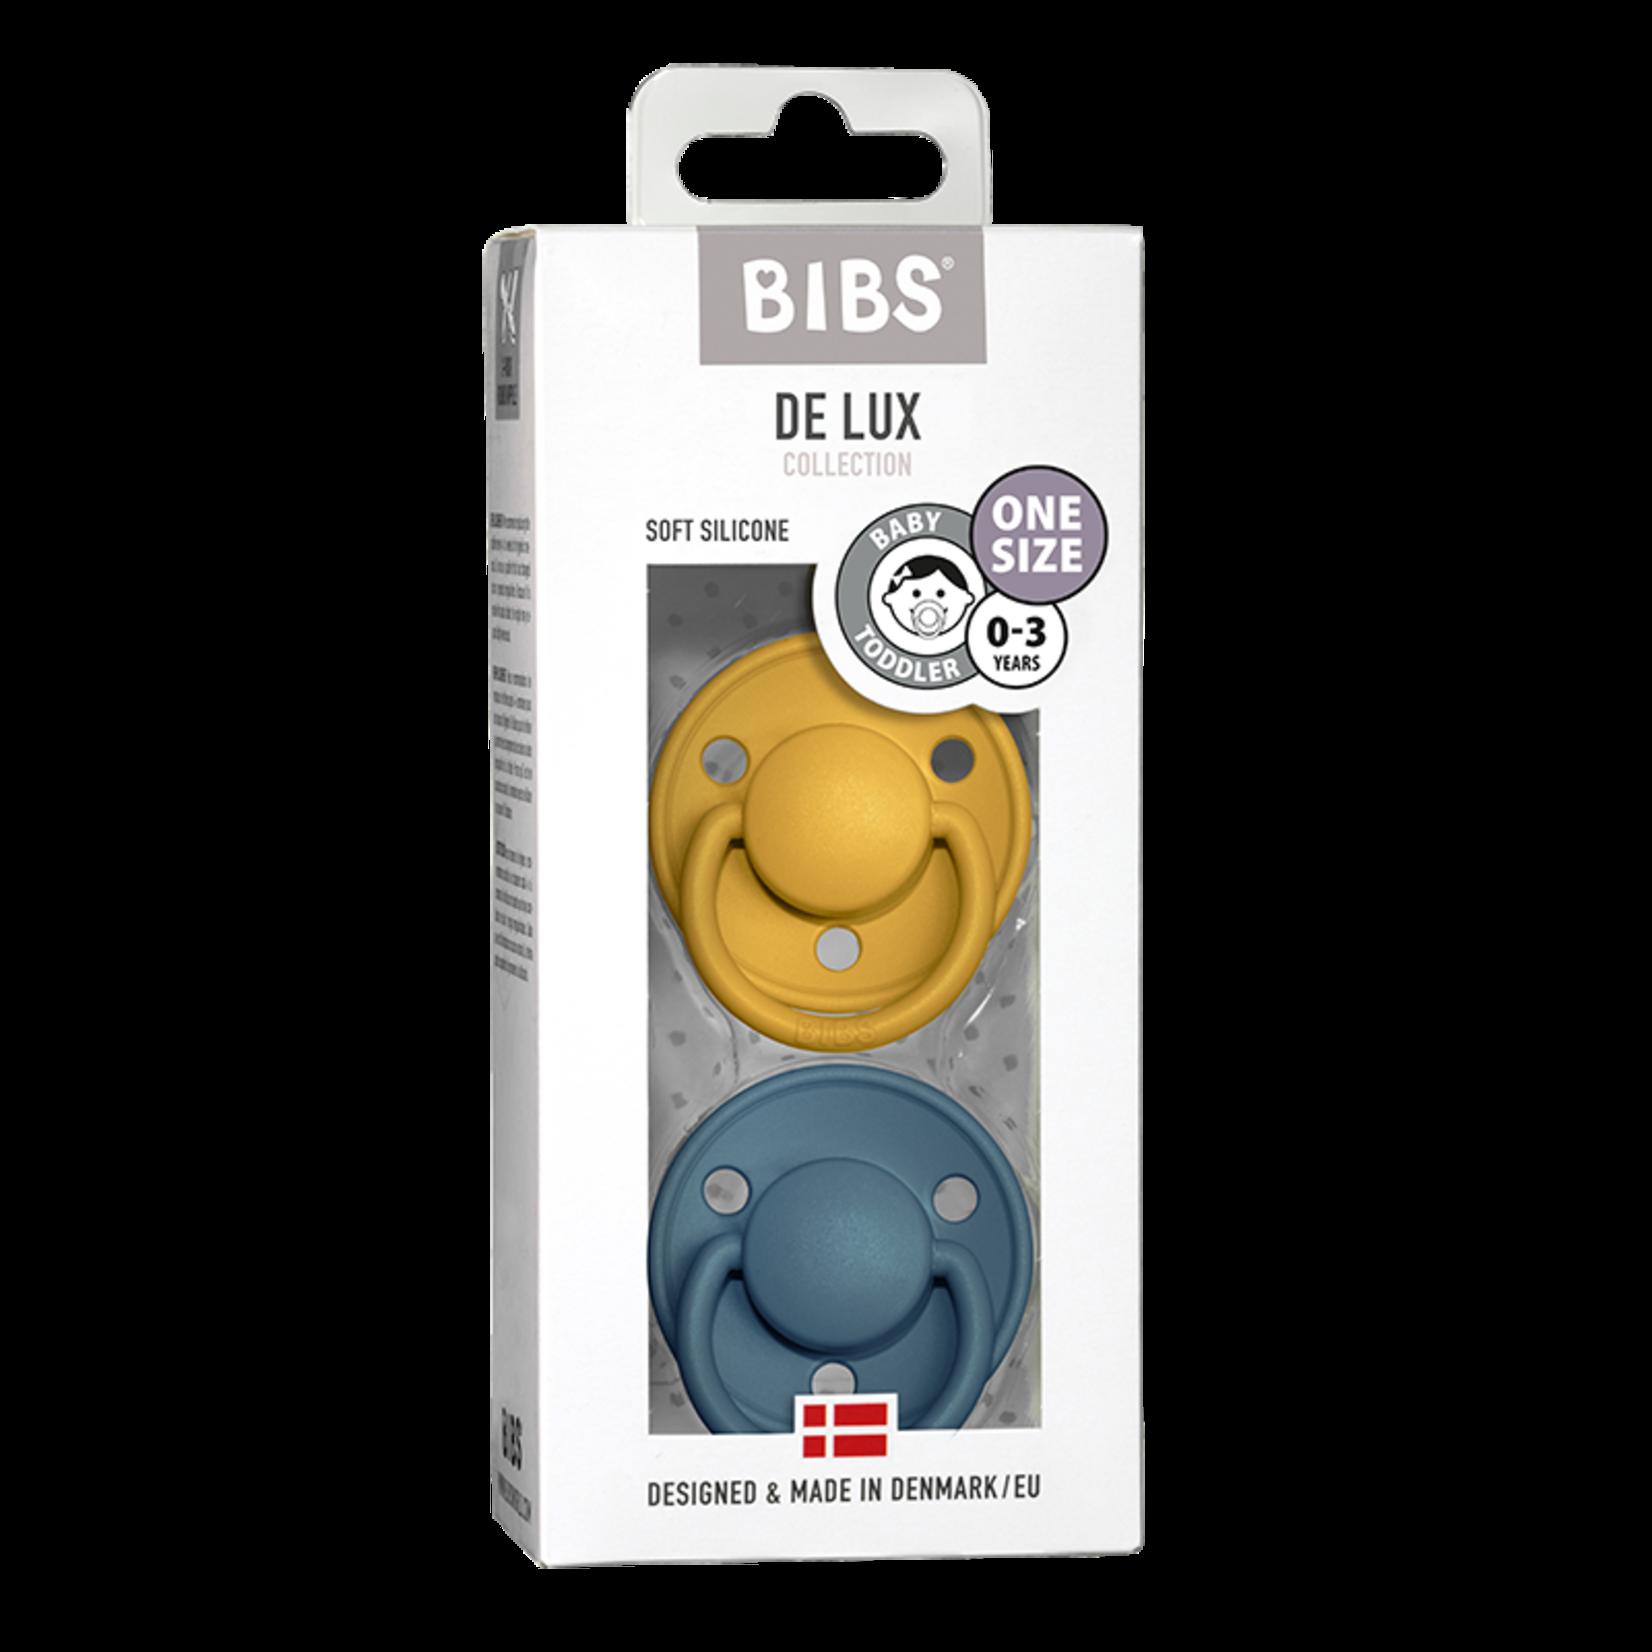 BIBS Fopspeen De Lux Silicone (Mustard/Petrol)